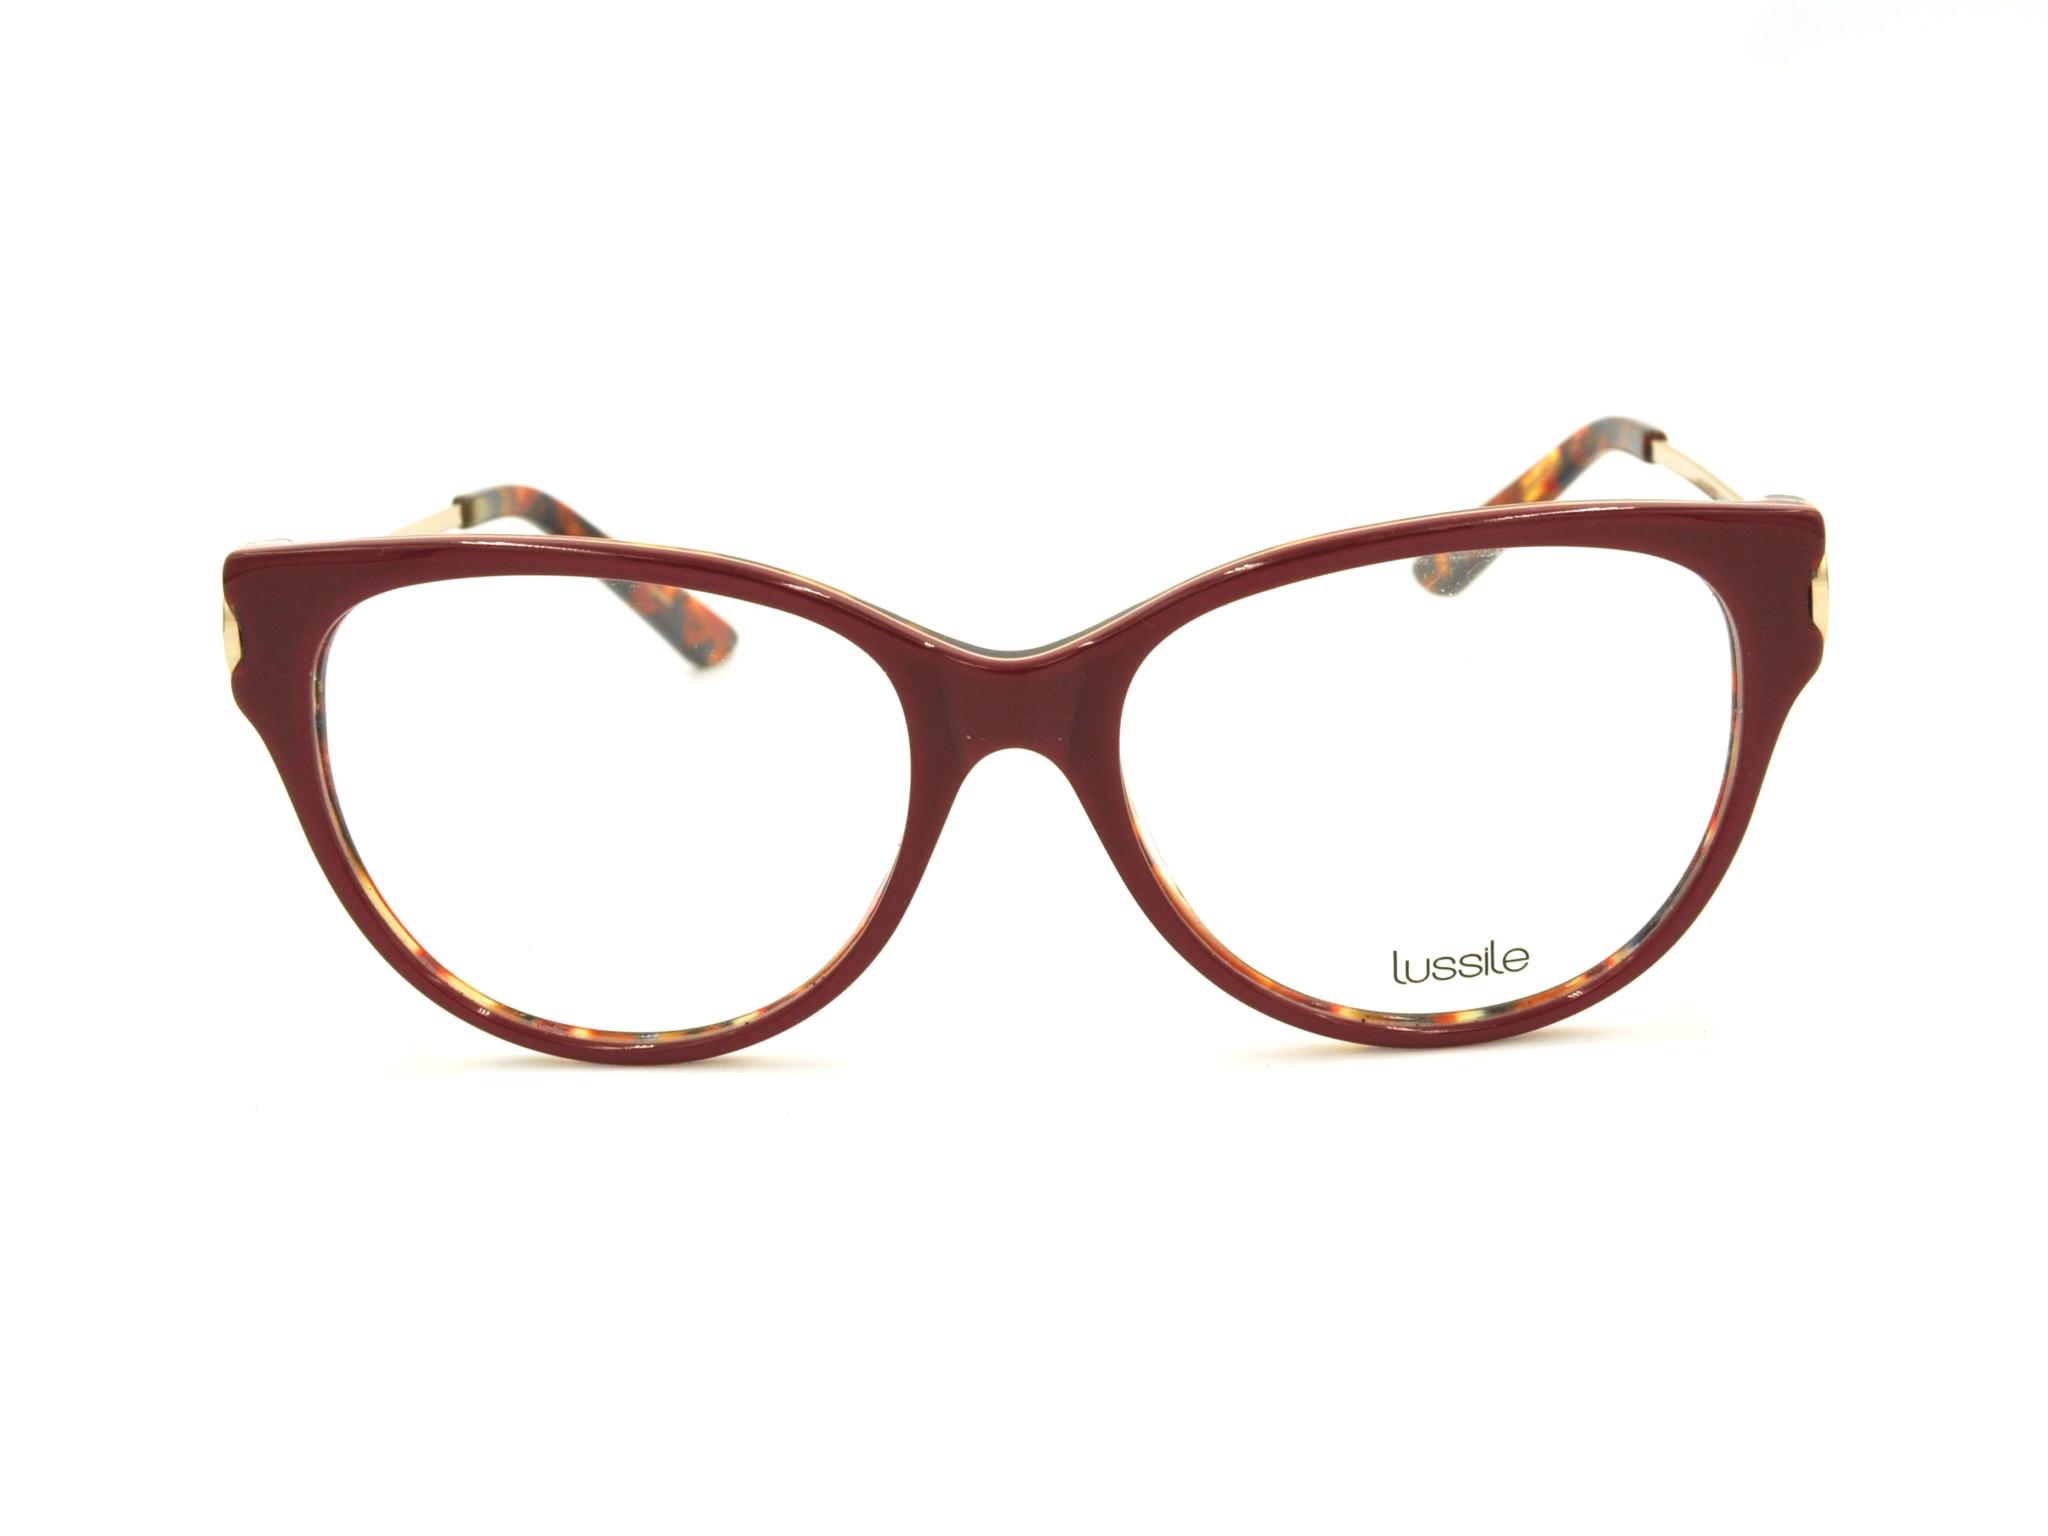 Γυαλιά οράσεως Lussile LS32194 LN07 Πειραιάς